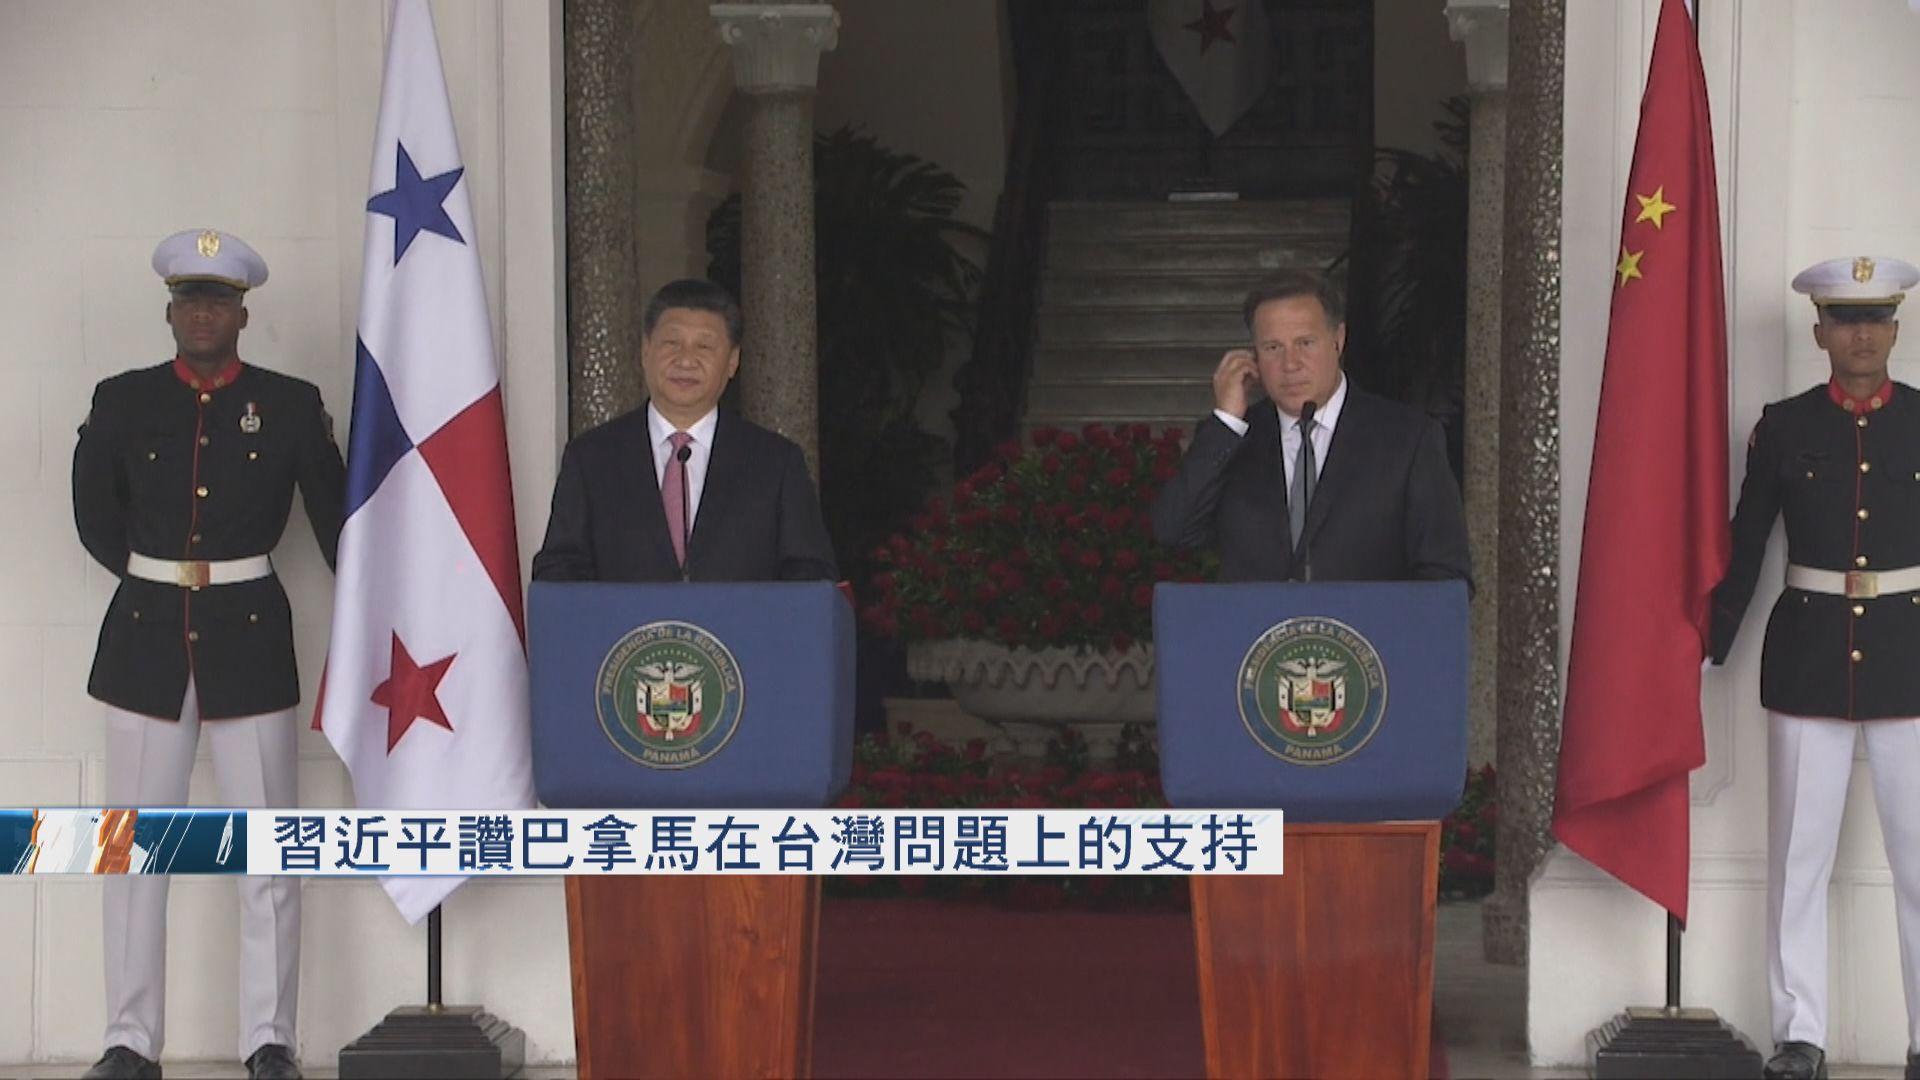 習近平讚賞巴拿馬在台灣問題上的支持